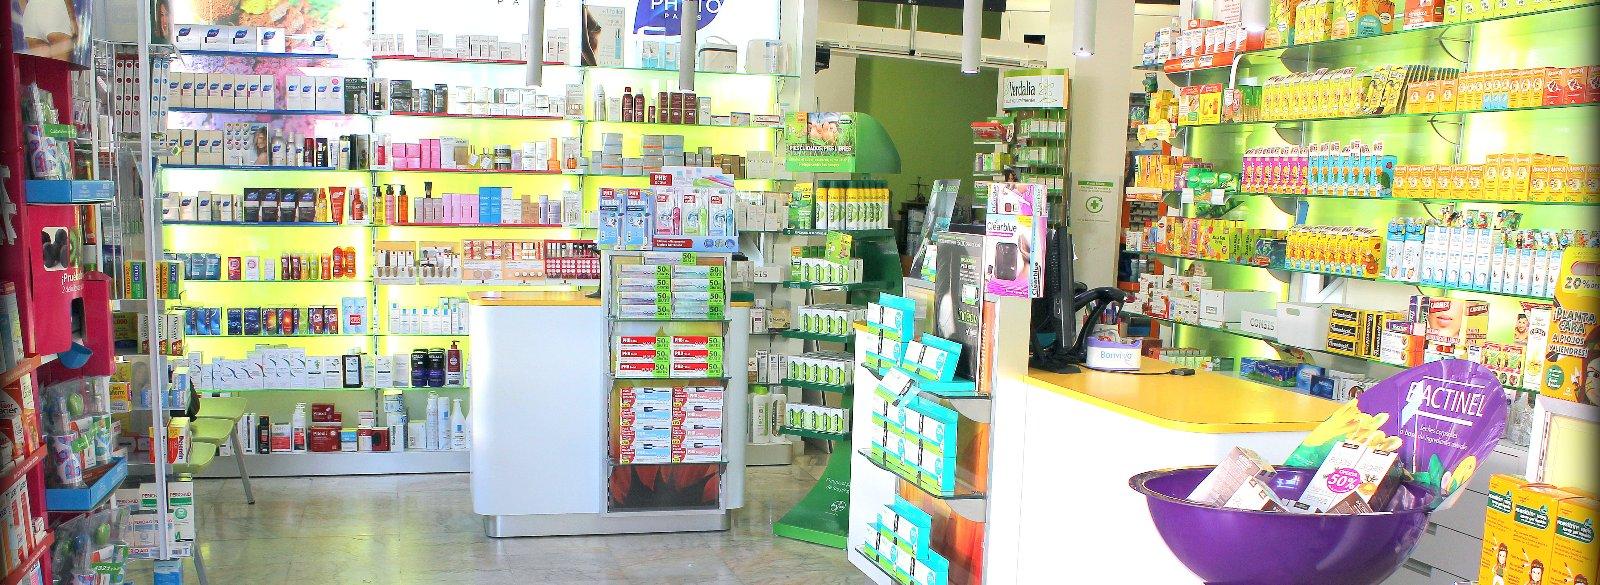 Farmacia Las 24 Horas en Cáceres